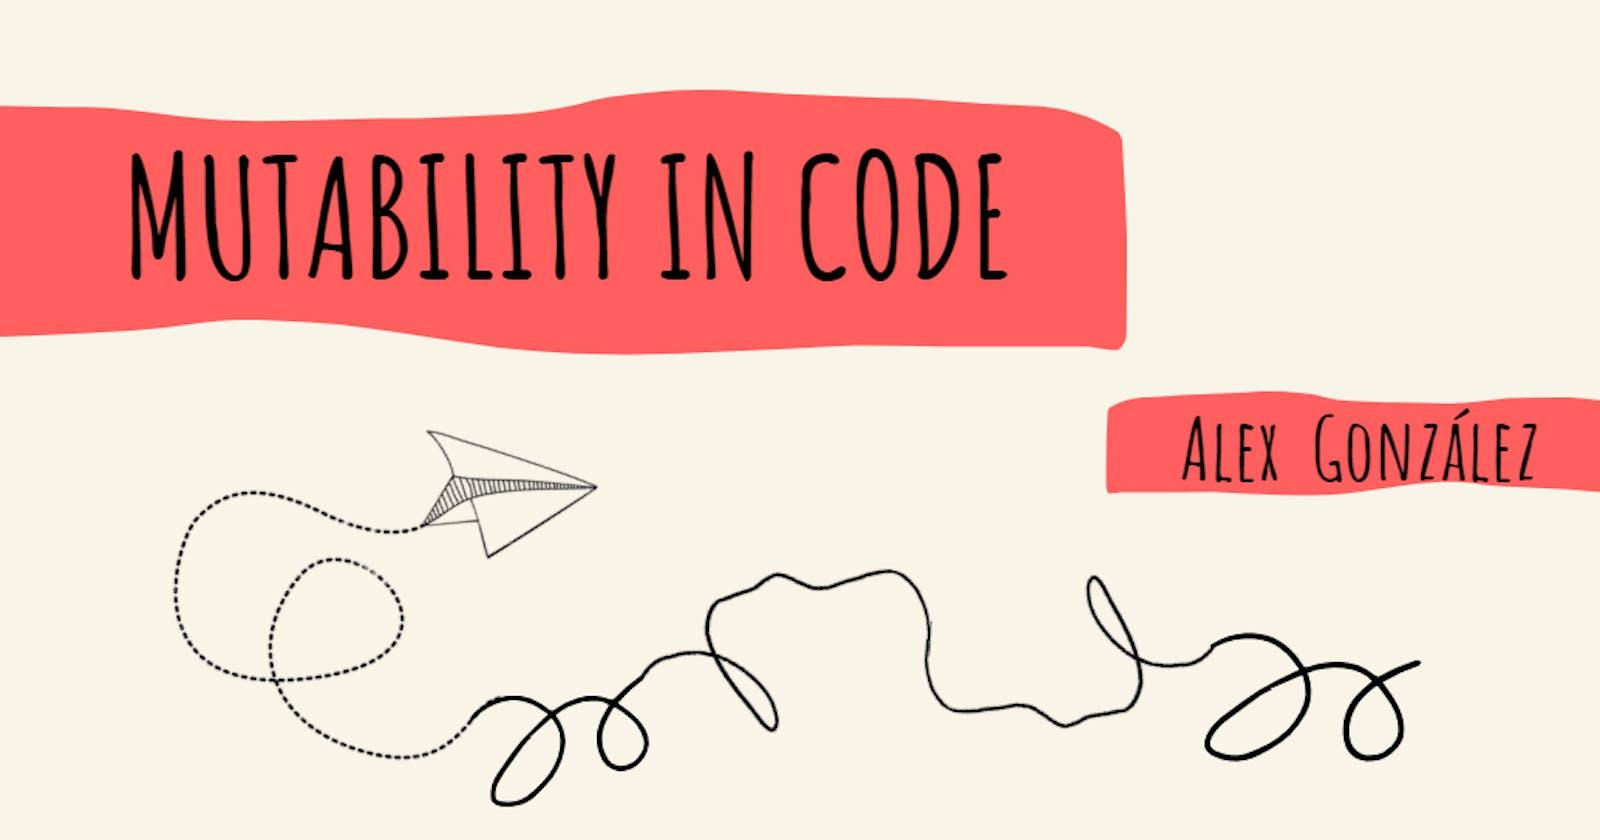 Mutability in Code